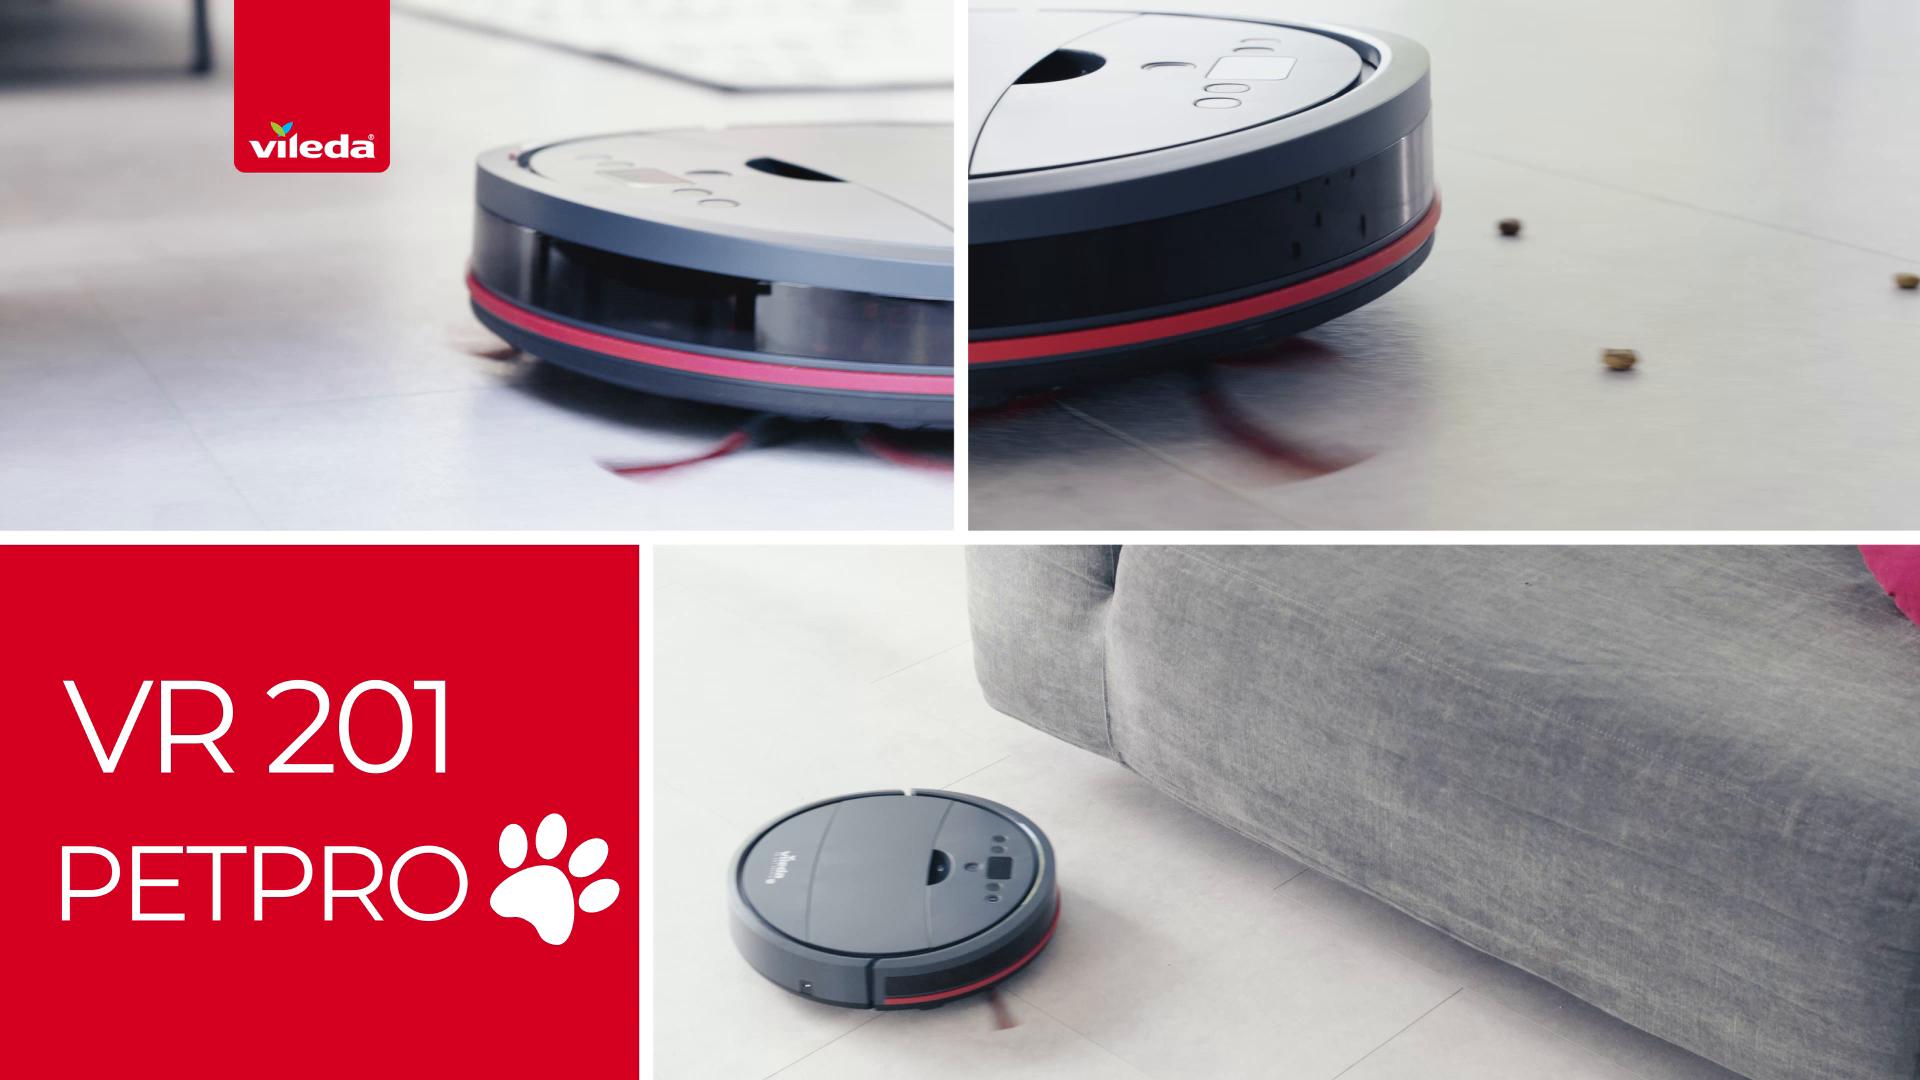 Vileda VR 201 PetPro - Robot aspirador, depósito de suciedad XL, cepillo especial para animales, doble filtro para alérgenos y polen, base de carga, autonomía de 90 minutos, gris oscuro: Amazon.es: Hogar